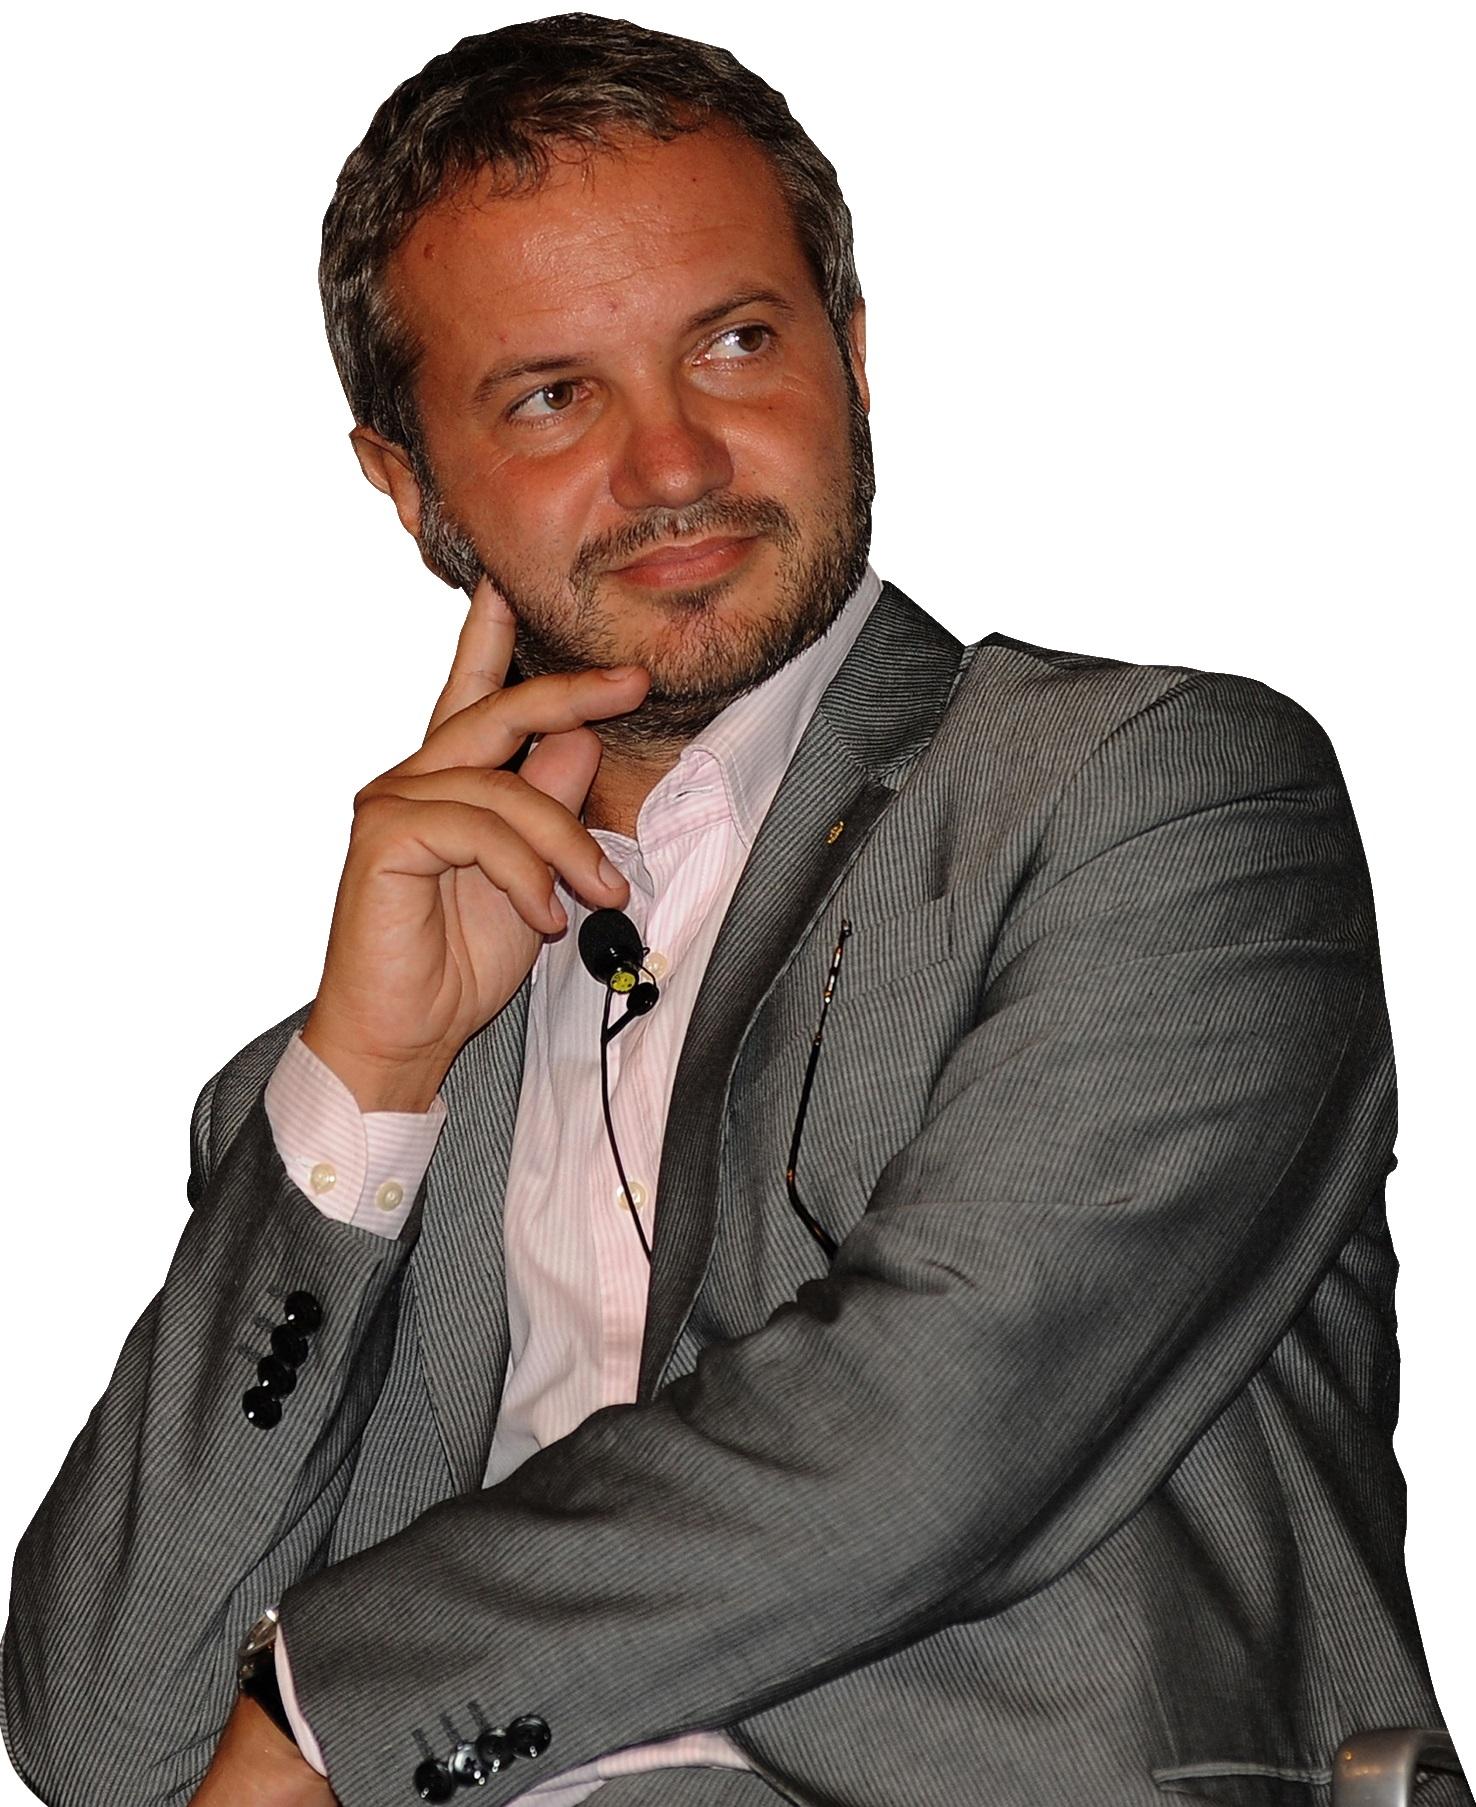 Taccuino elettorale: Claudio Borghi, candidato Lega Nord, a Cortona